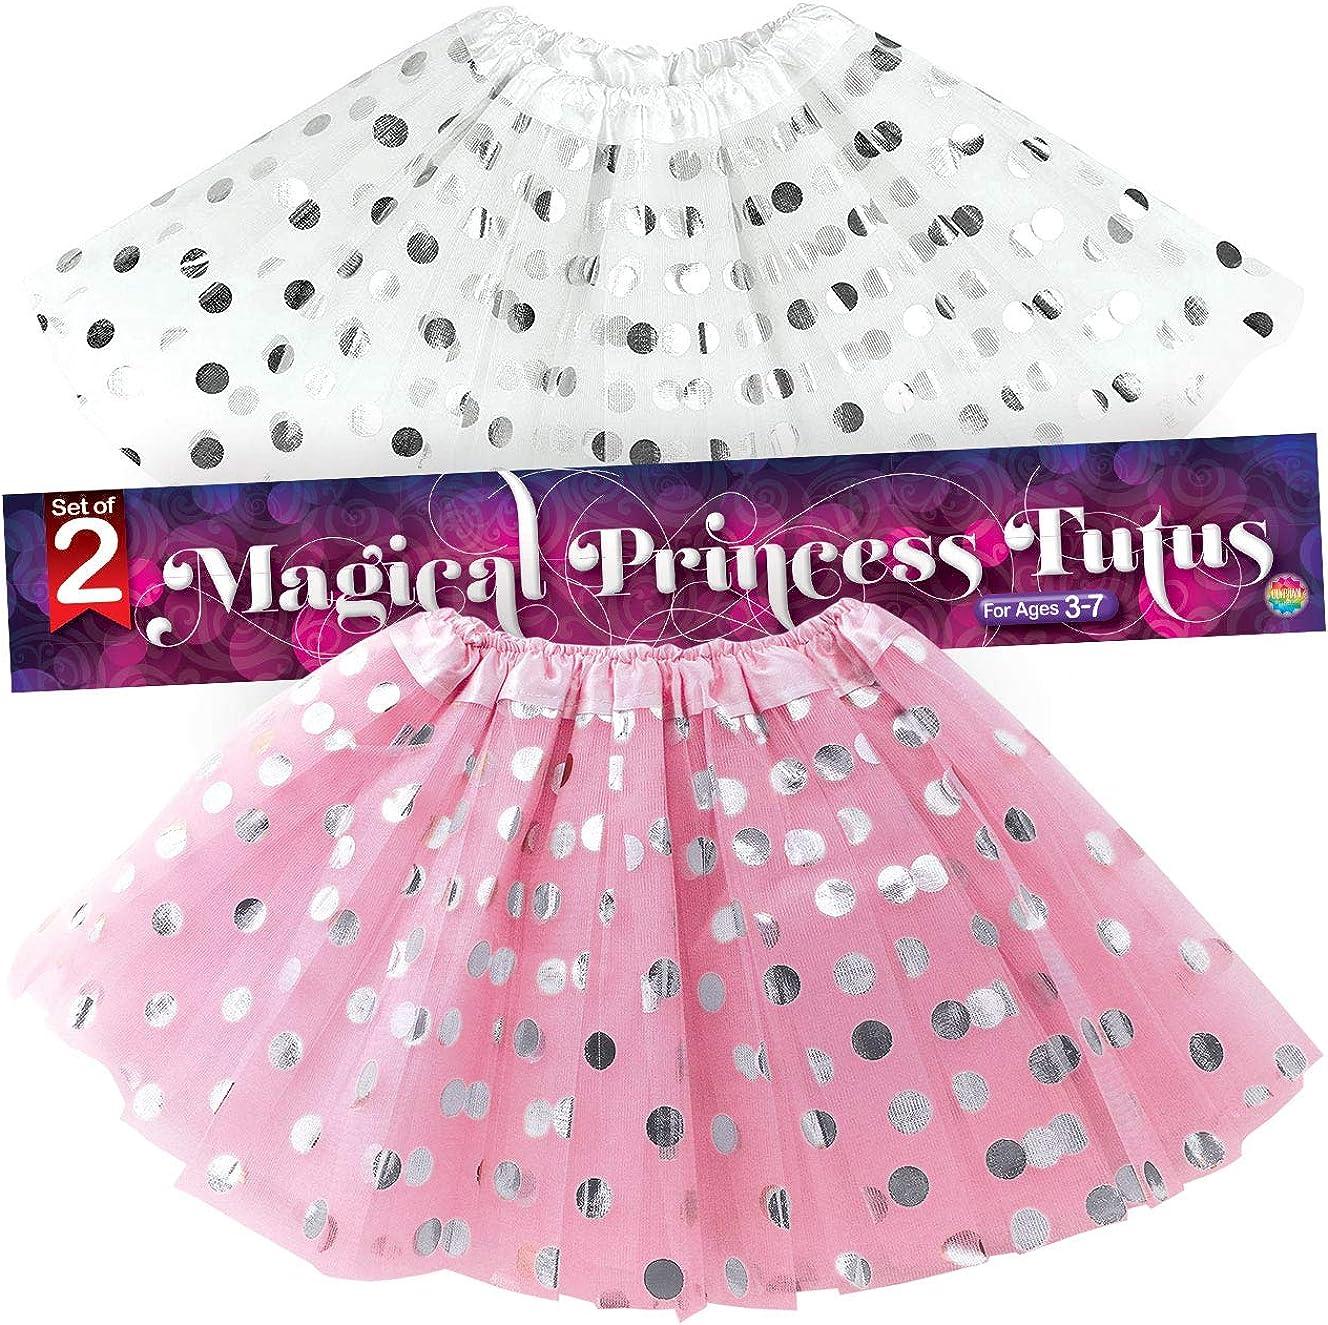 ZEZKT Falda tut/ú Estampado Lunares Princesa tut/ú Falda para 2-8 a/ños beb/é ni/ña Enagua de Tutu de Tul de Baile de Carnaval Fiesta cumplea/ños